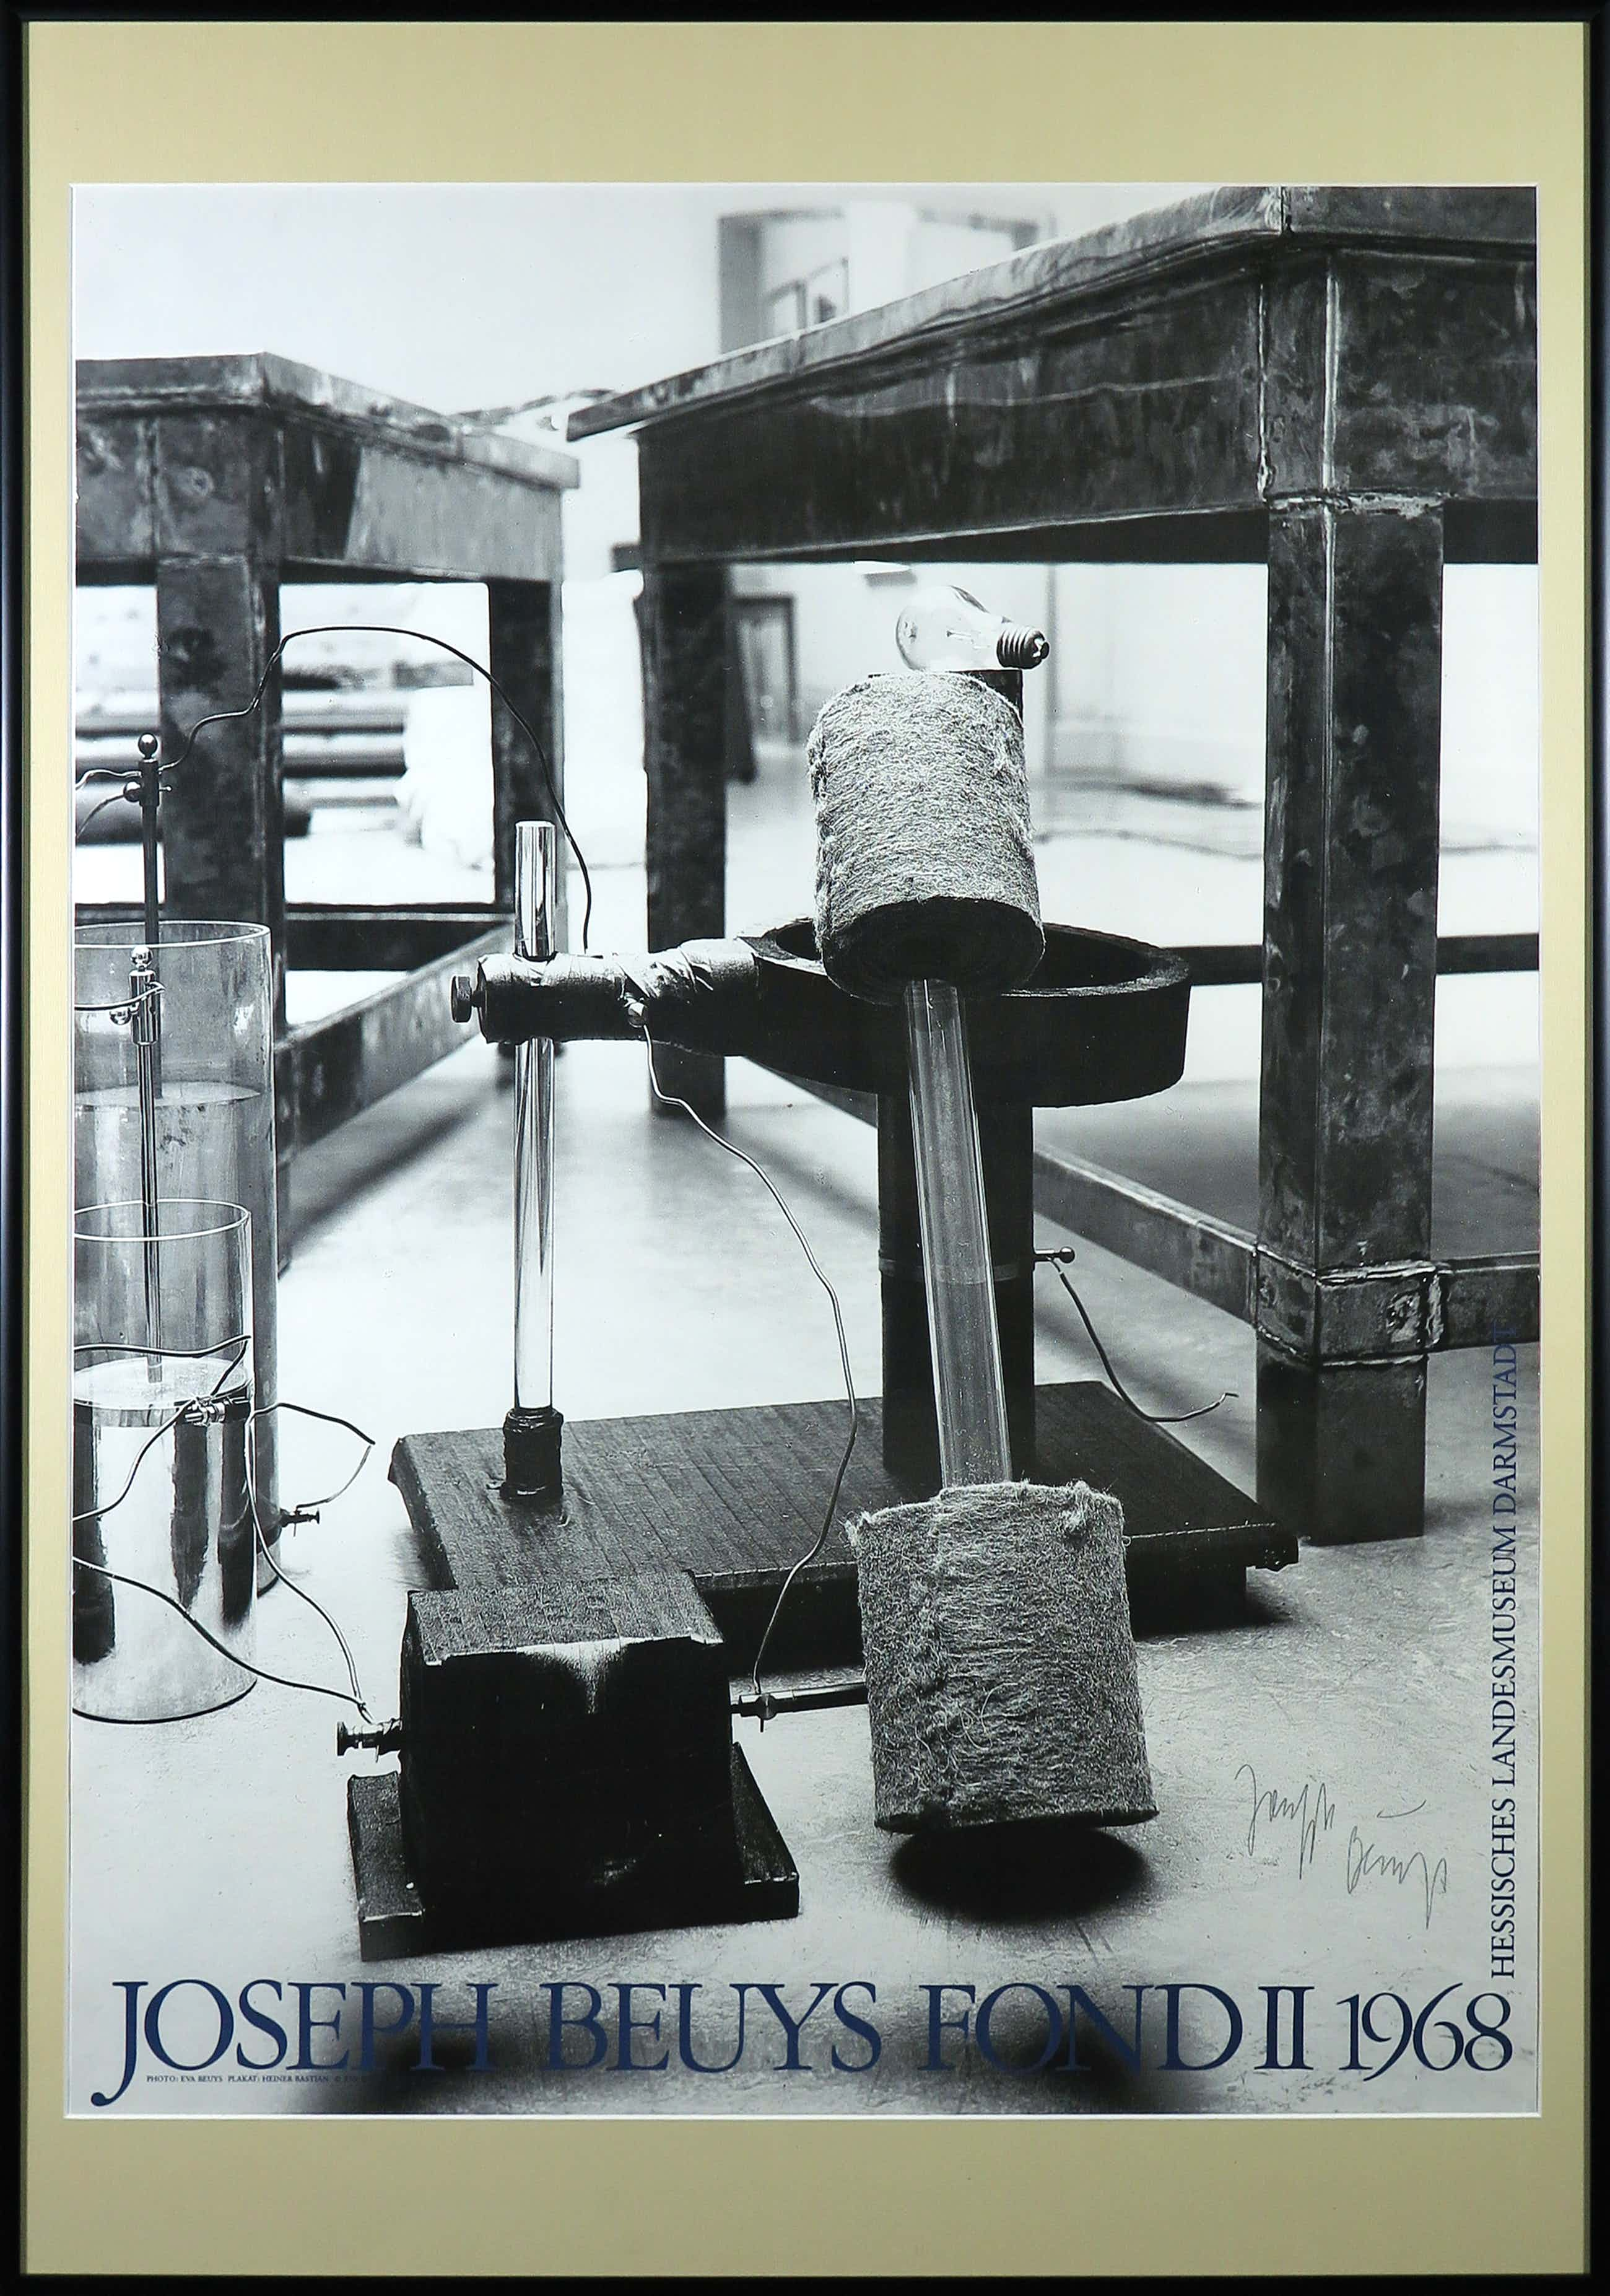 Joseph Beuys - Gesigneerd affiche Fond II Hessische Landesmuseum Darmstadt - Ingelijst (Groot) kopen? Bied vanaf 65!